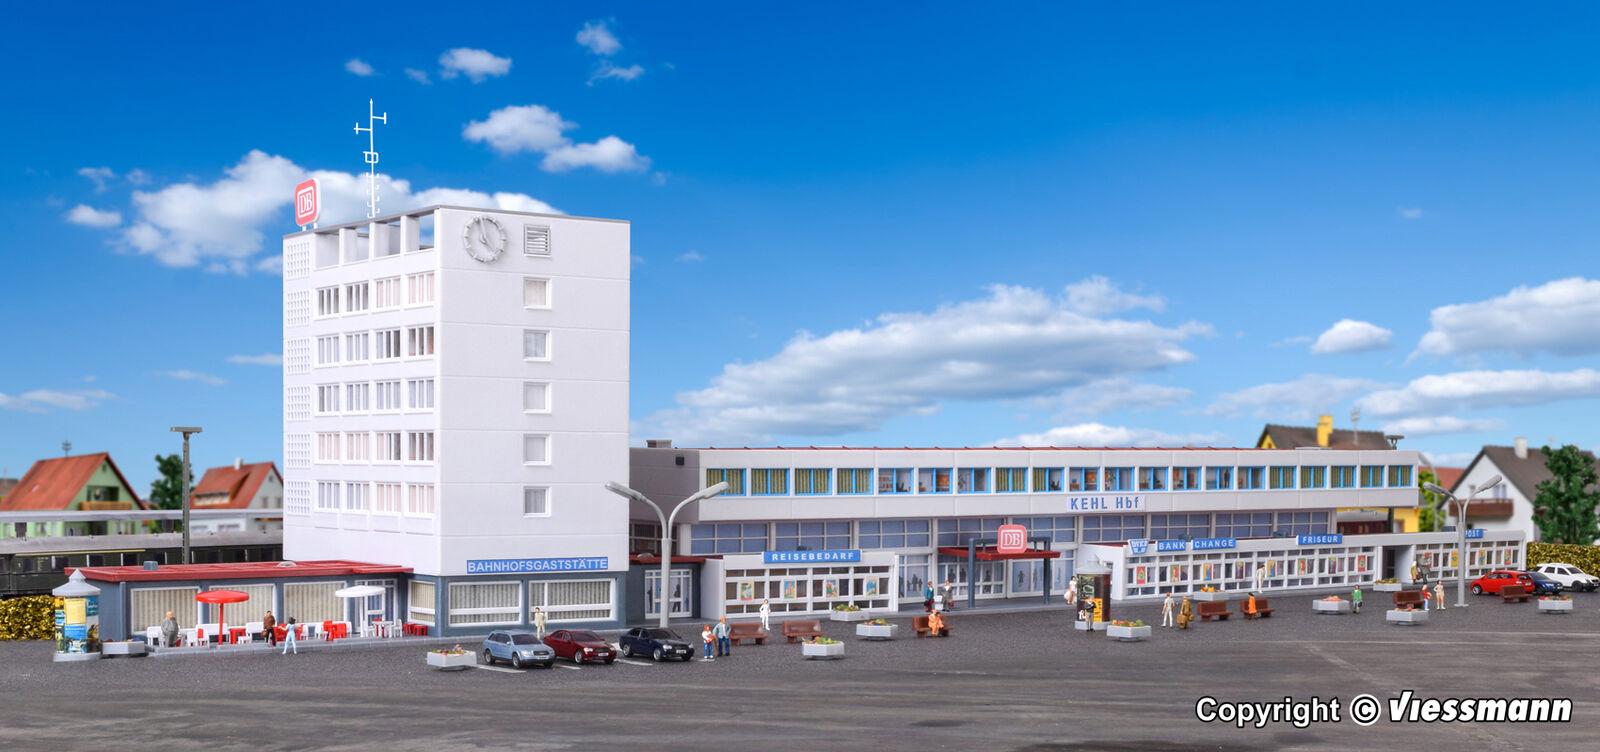 Kibri n 37517-Estación kehl incl. etageninnenbeleuchtung kit Artículo nuevo